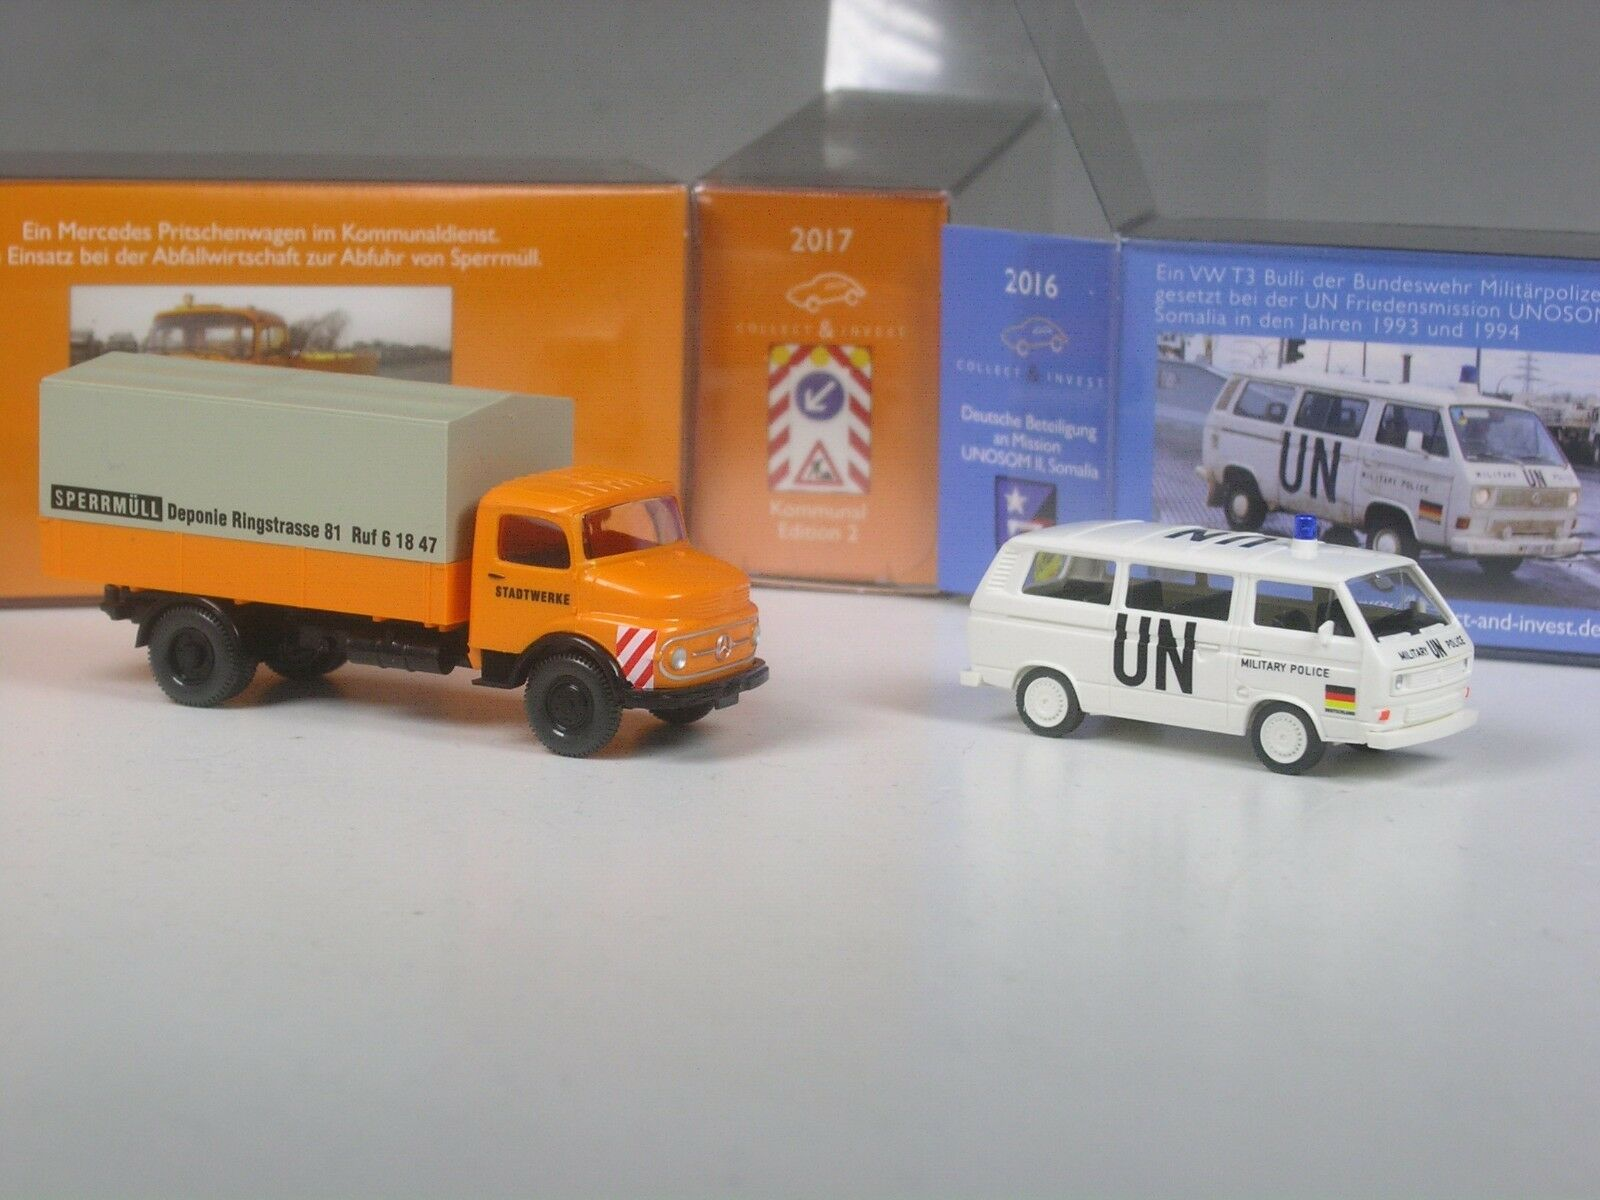 Viking C & I especial modelo 1413 MB a granel granel granel de residuos eliminación y VW T3 ONU de las fuerzas armadas 26fd29